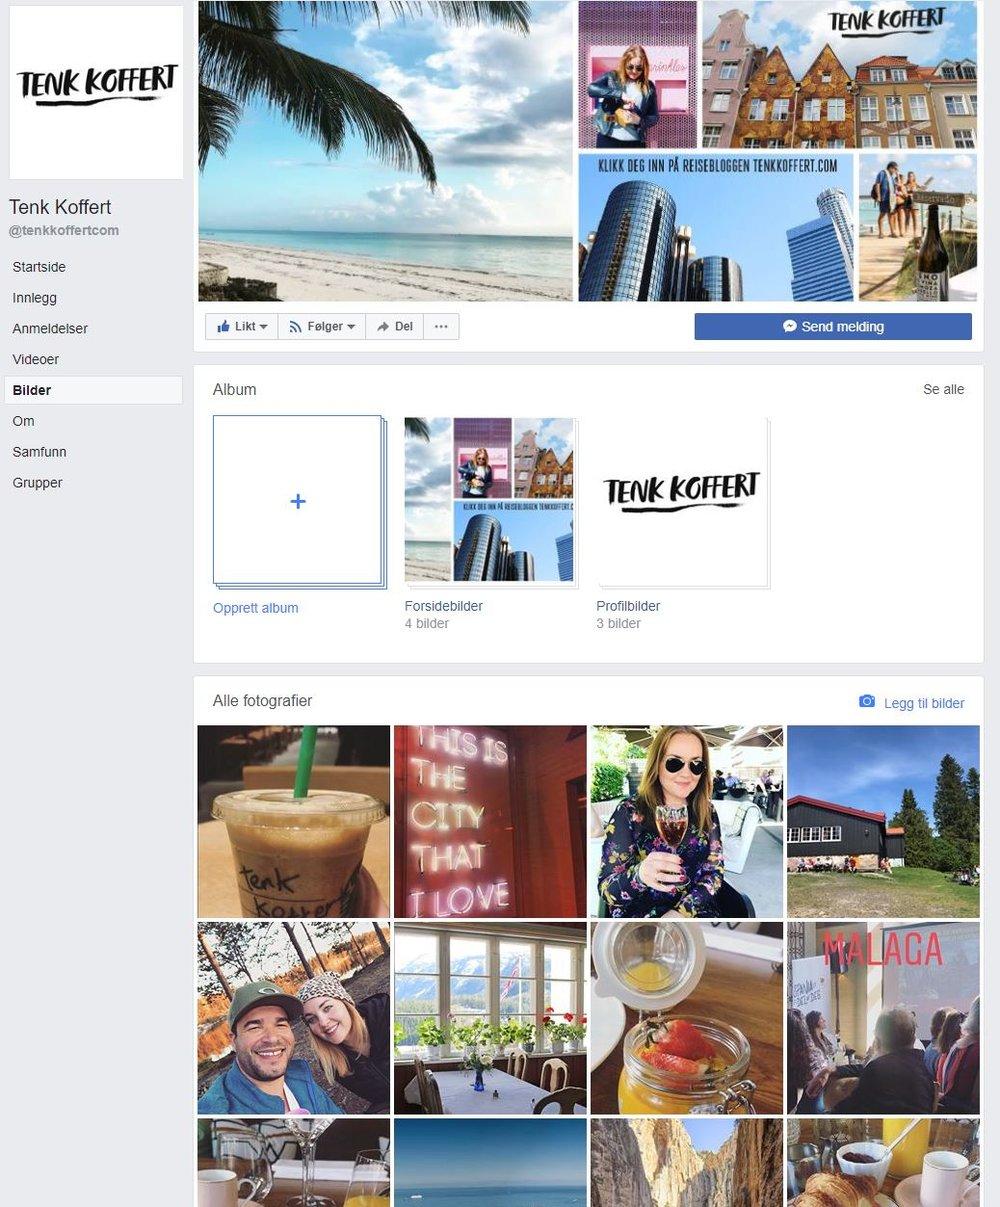 TENK KOFFERT PÅ FACEBOOK: På Tenk Kofferts Facebook-side får du små og store reisetips. Foto: Faksimile